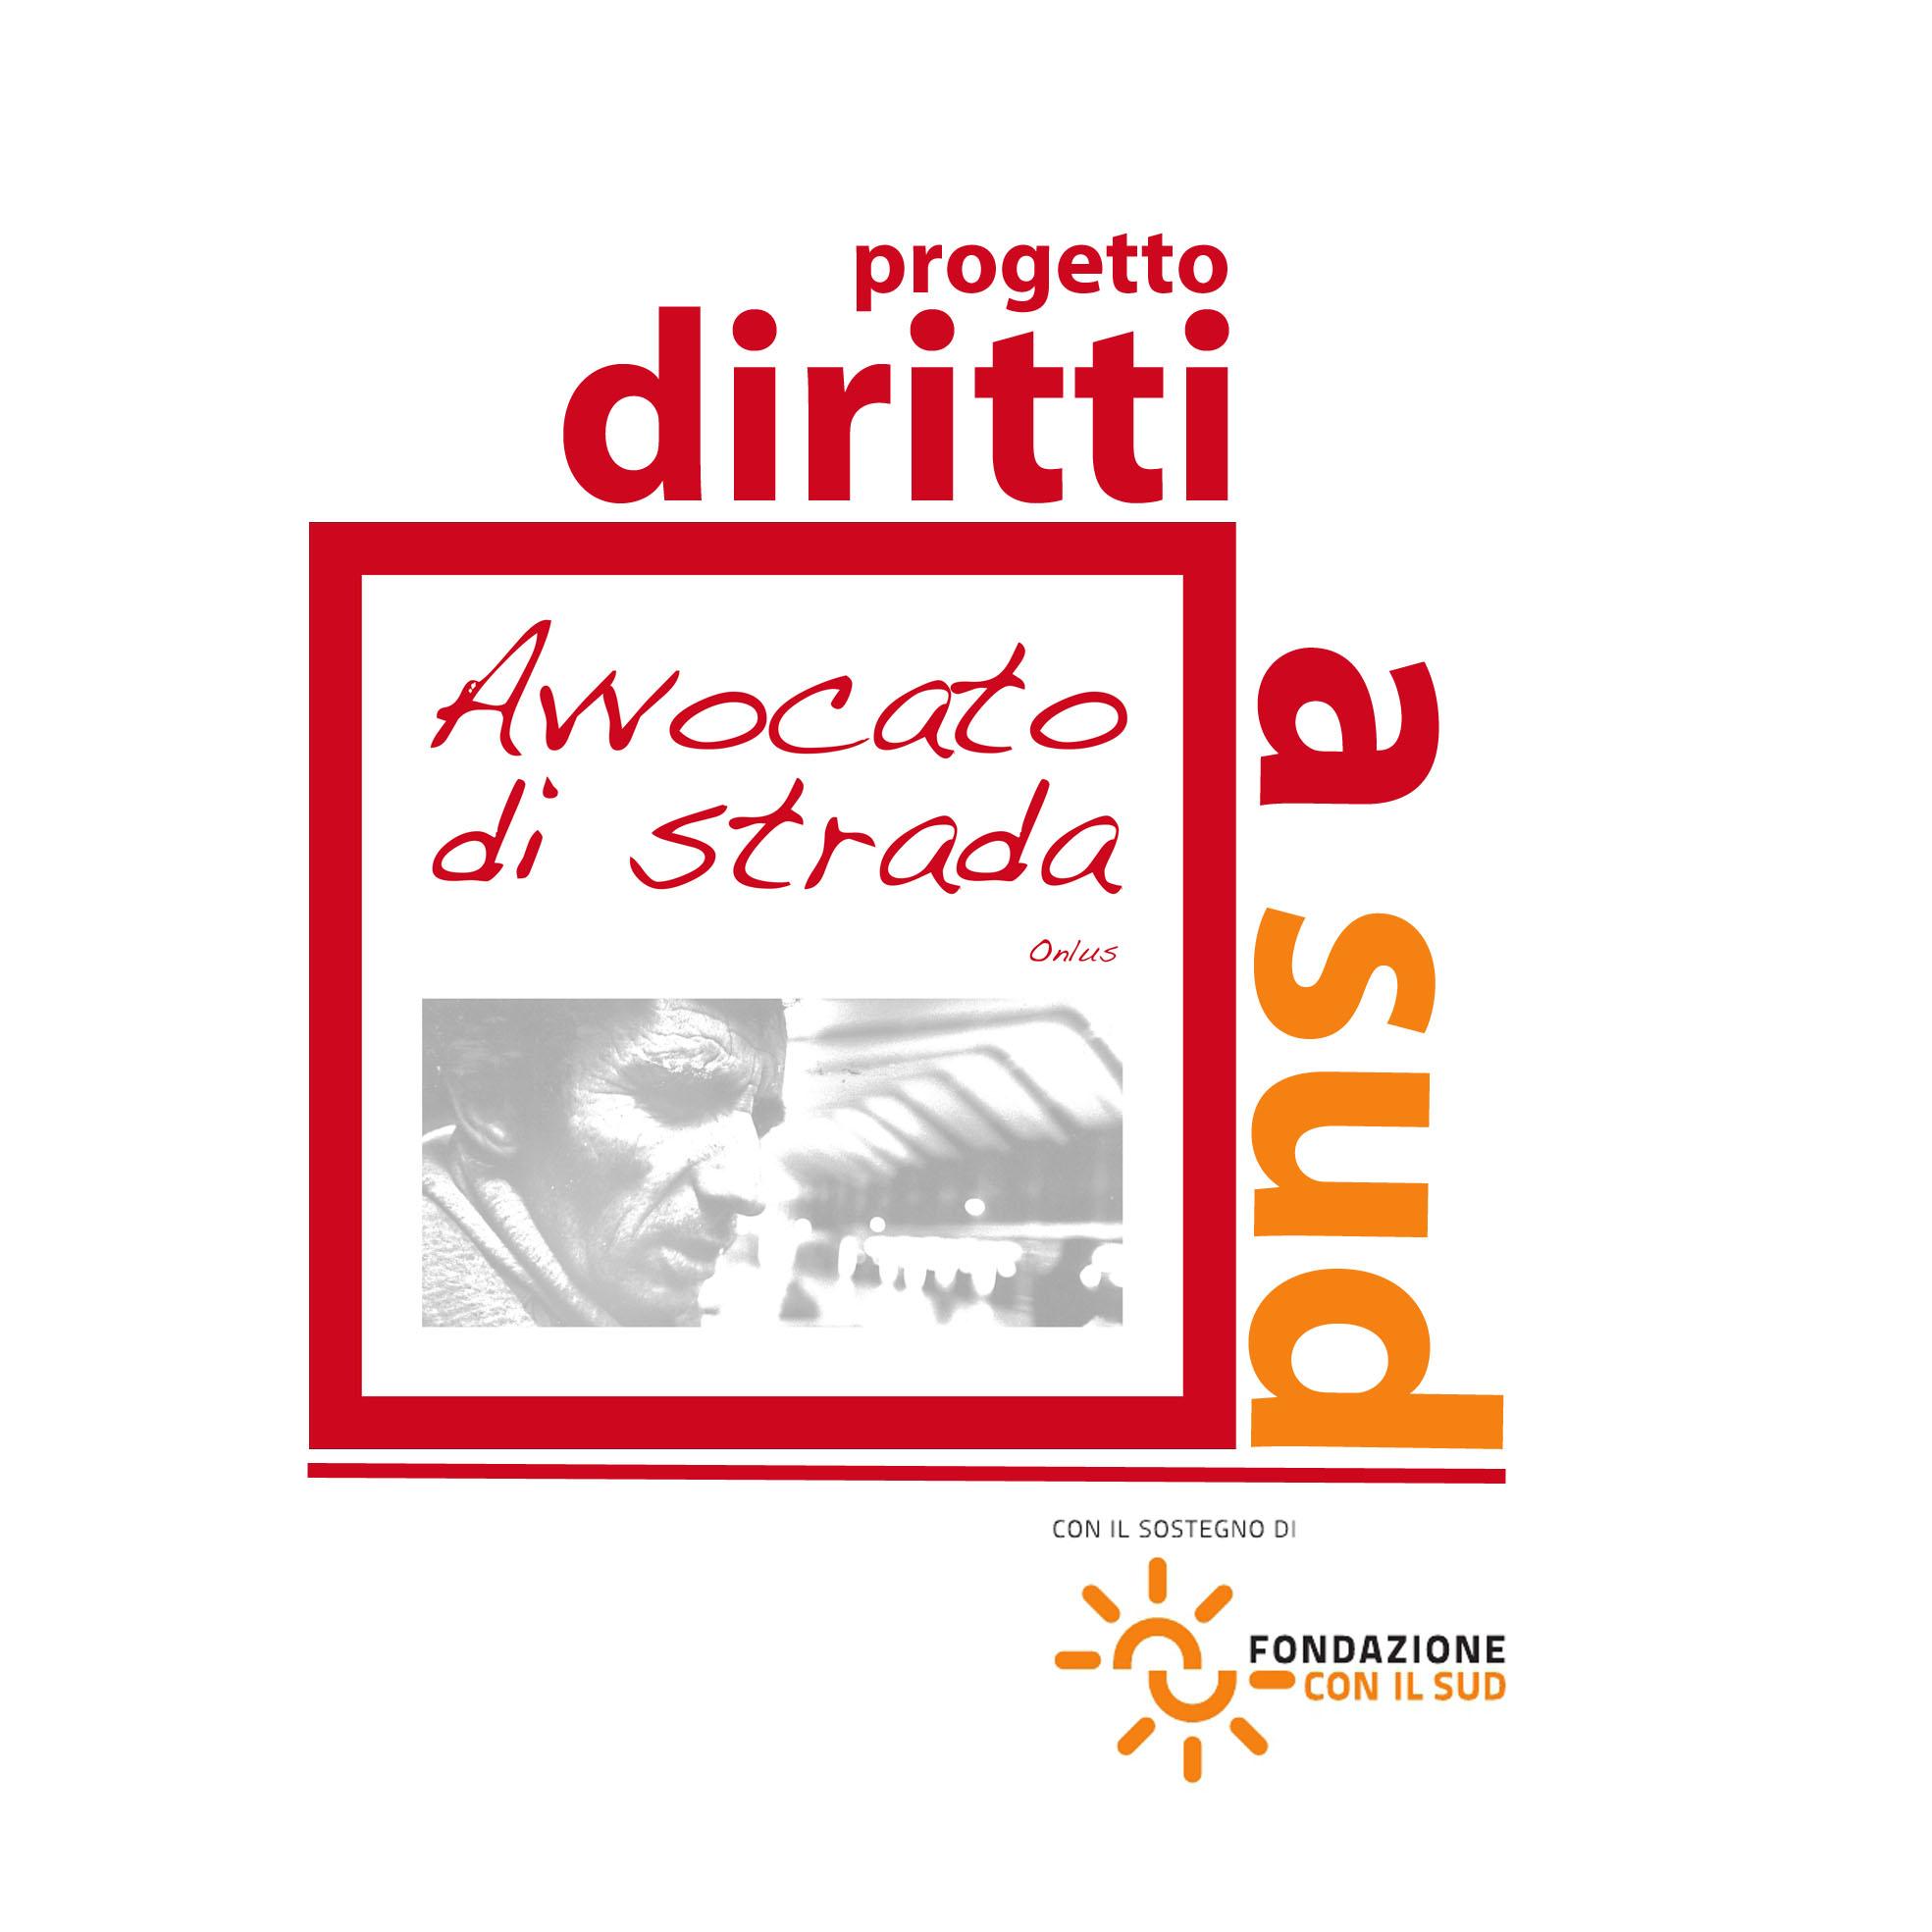 22.11.13 Diritti a sud. Corso di formazione a Salerno